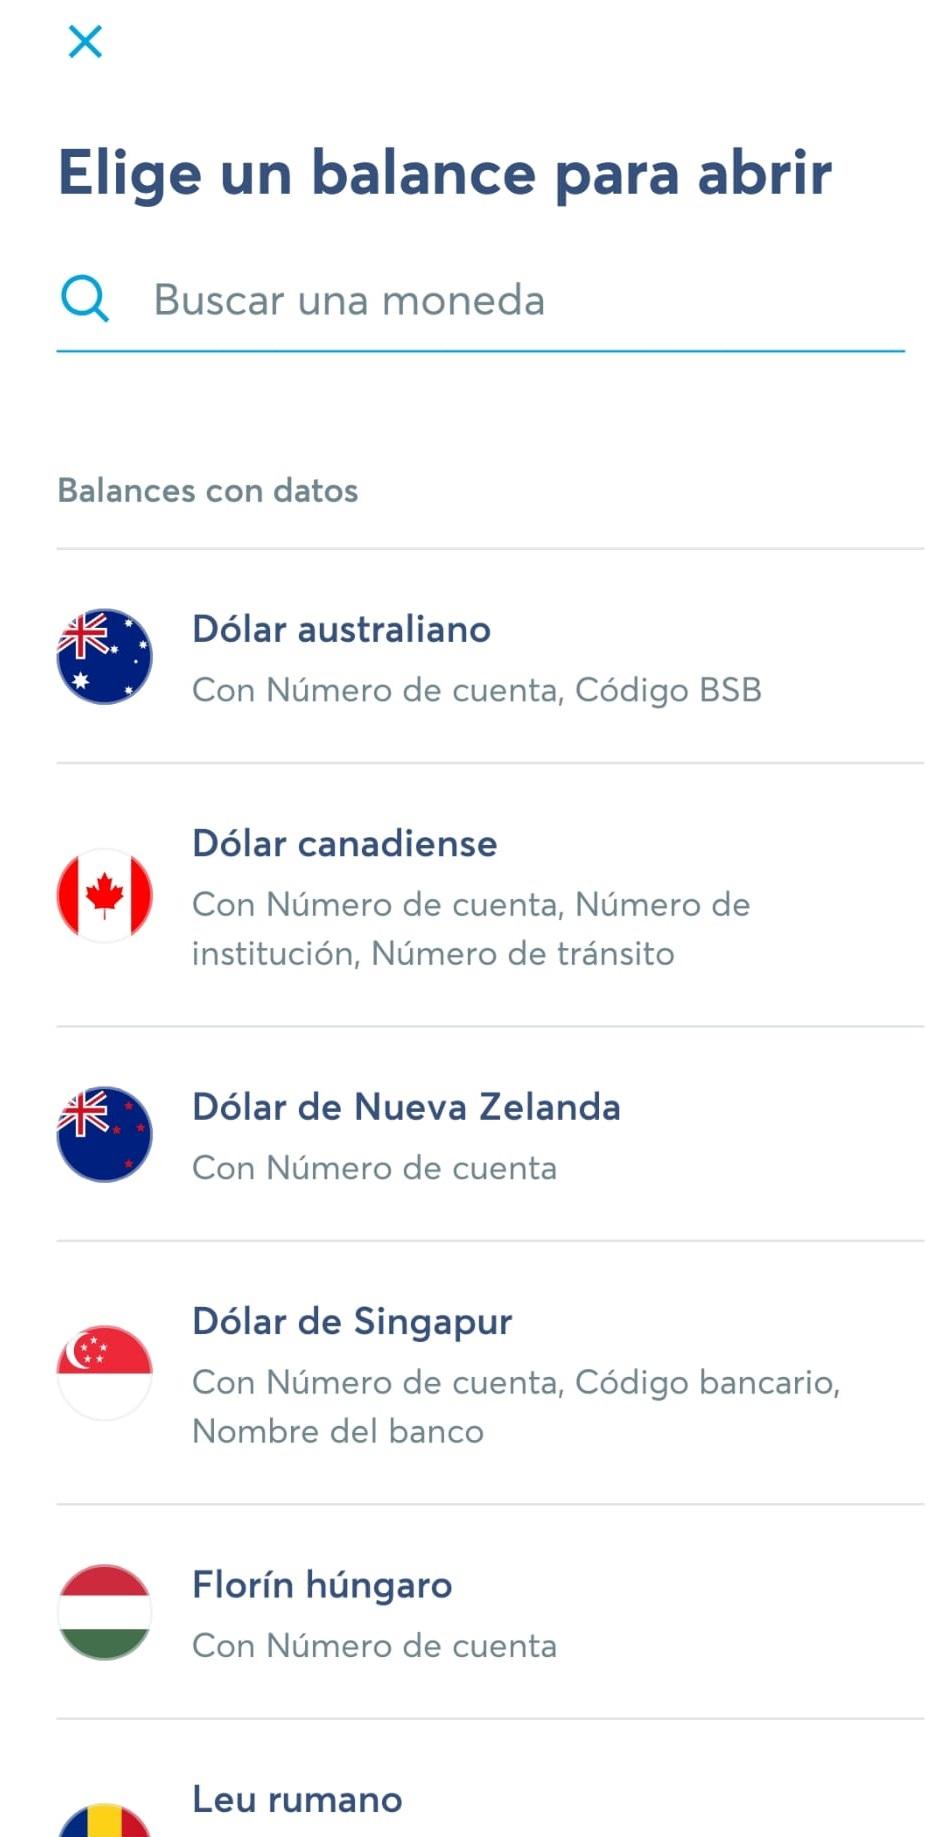 Cómo abrir una cuenta en divisa extranjera